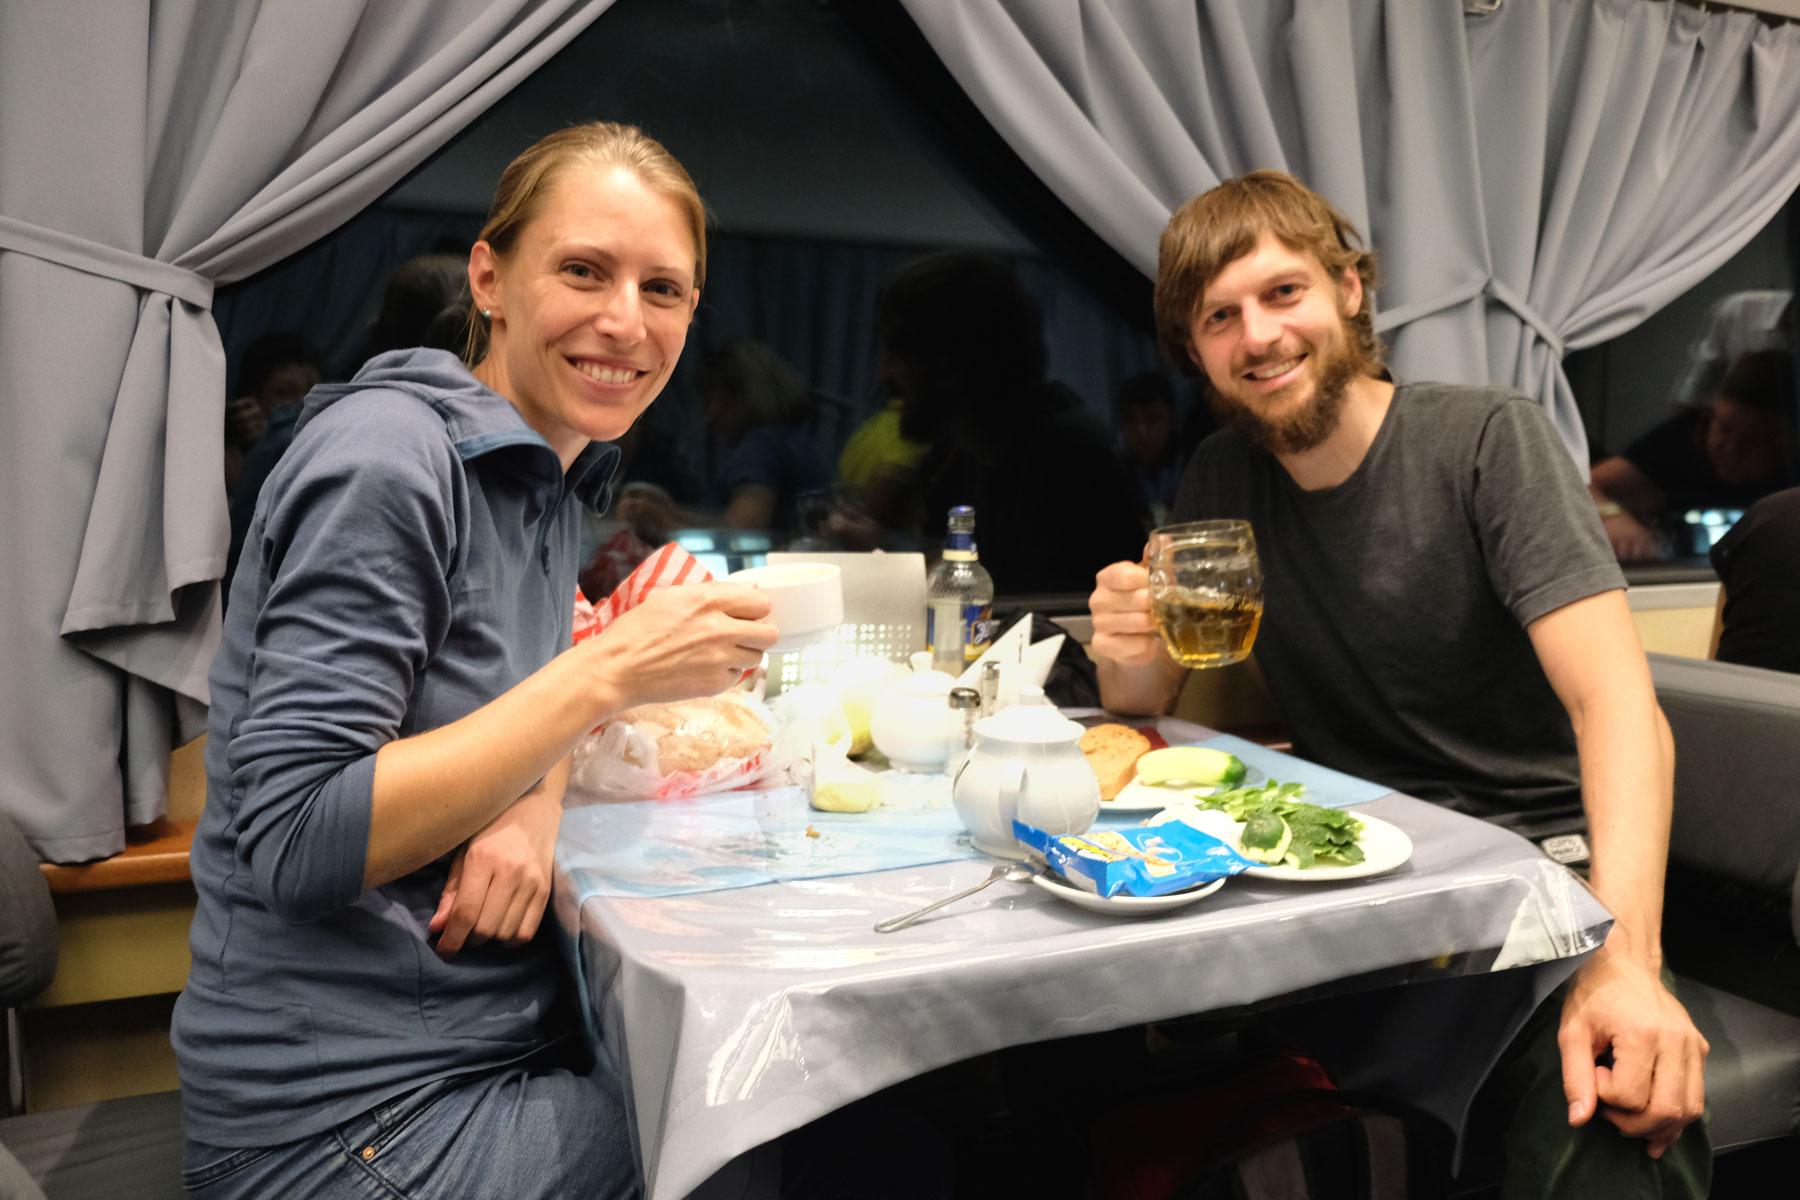 Leo und Sebastian essen im Speisewagen eines Zugs zu Abend.